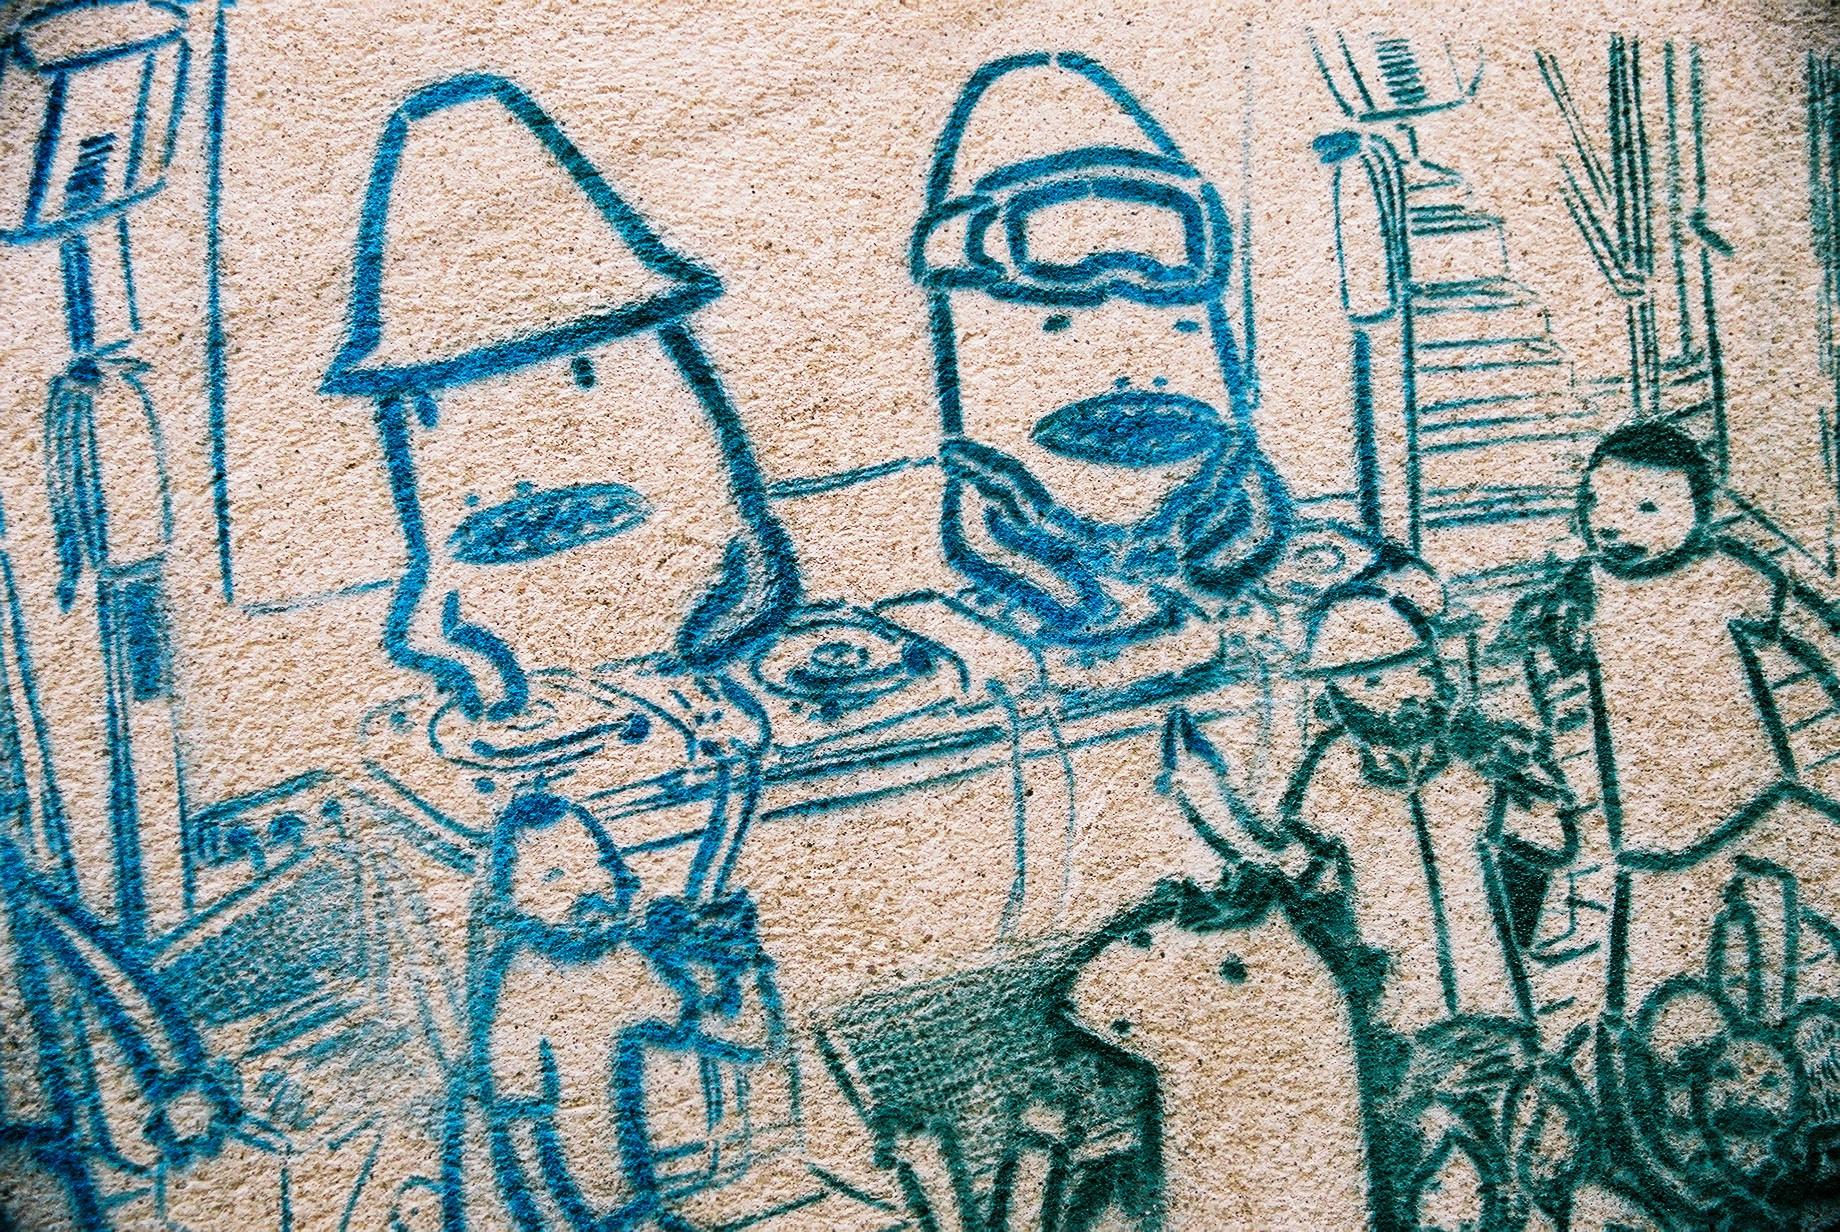 Graffiti DJs, Arles.JPG